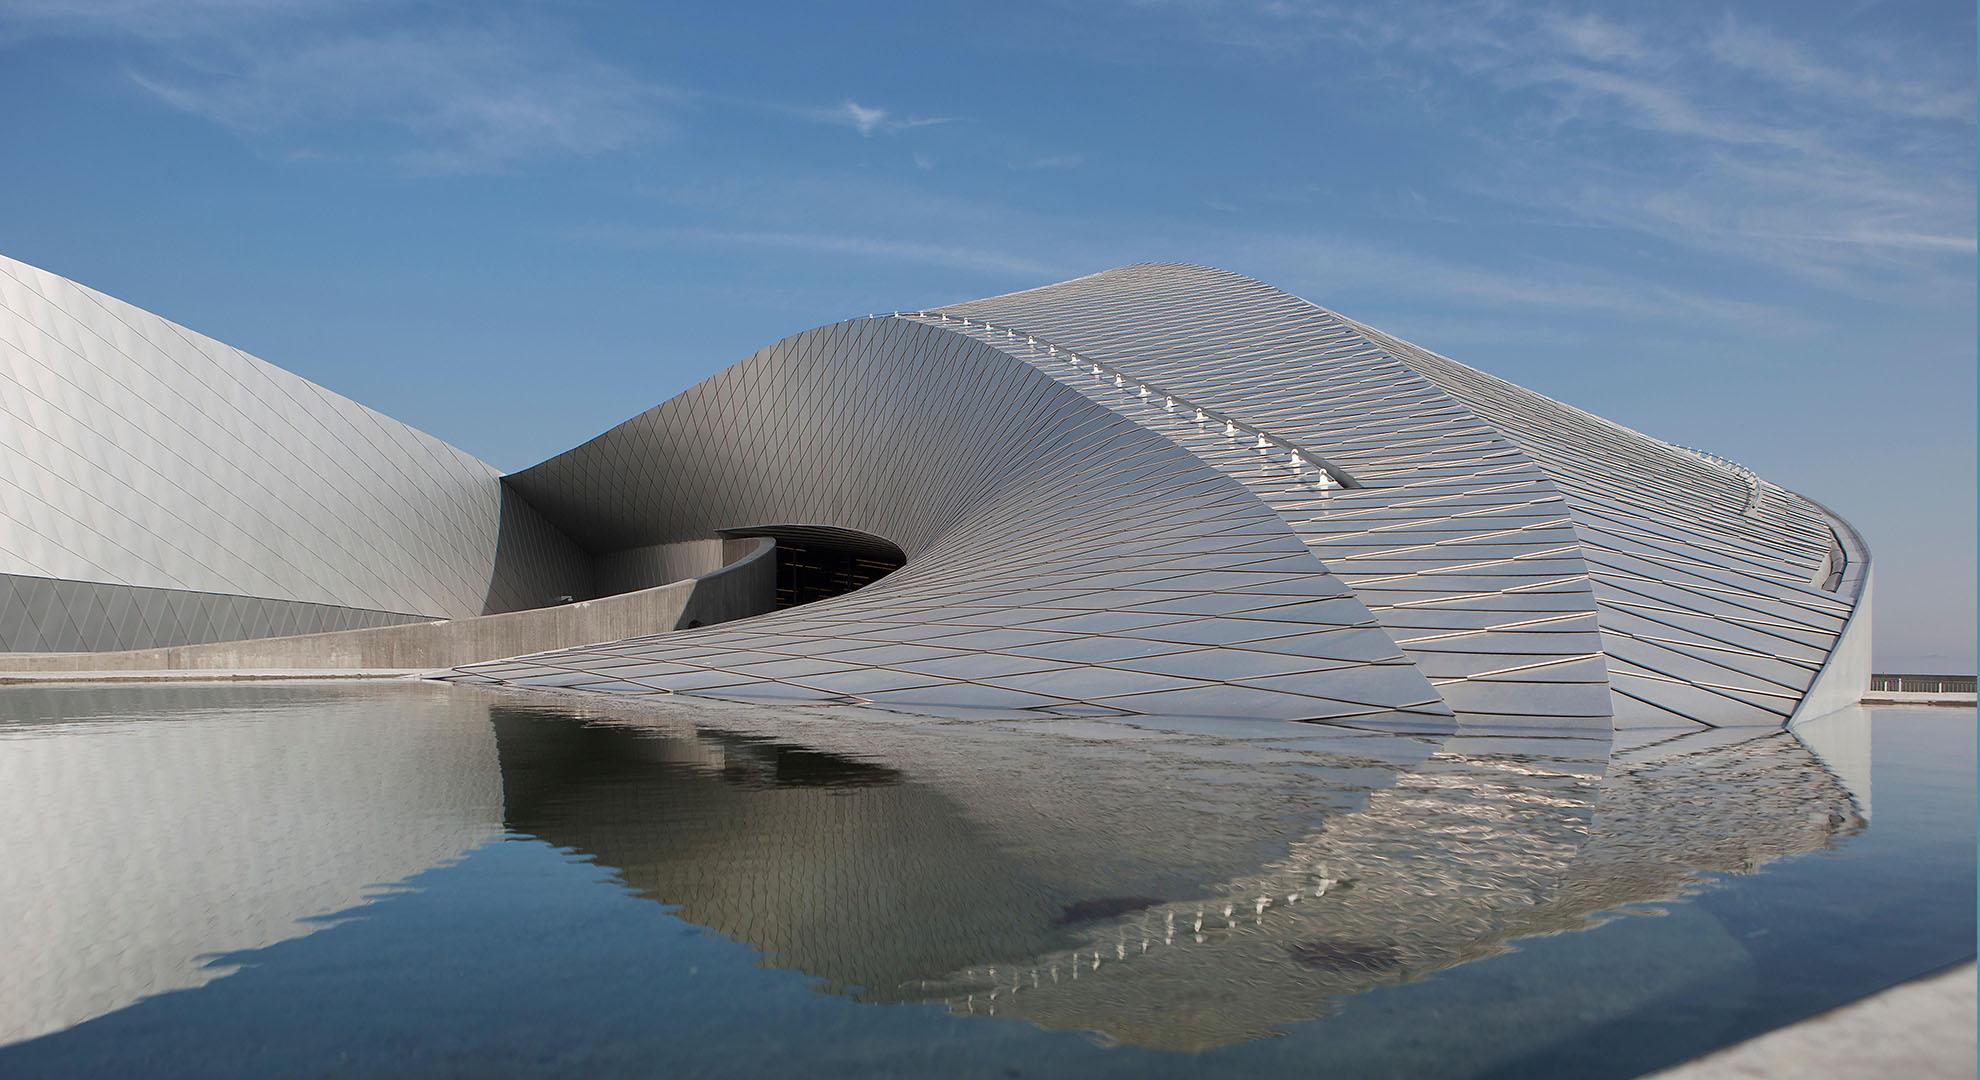 Aquarium architecture in Denmark